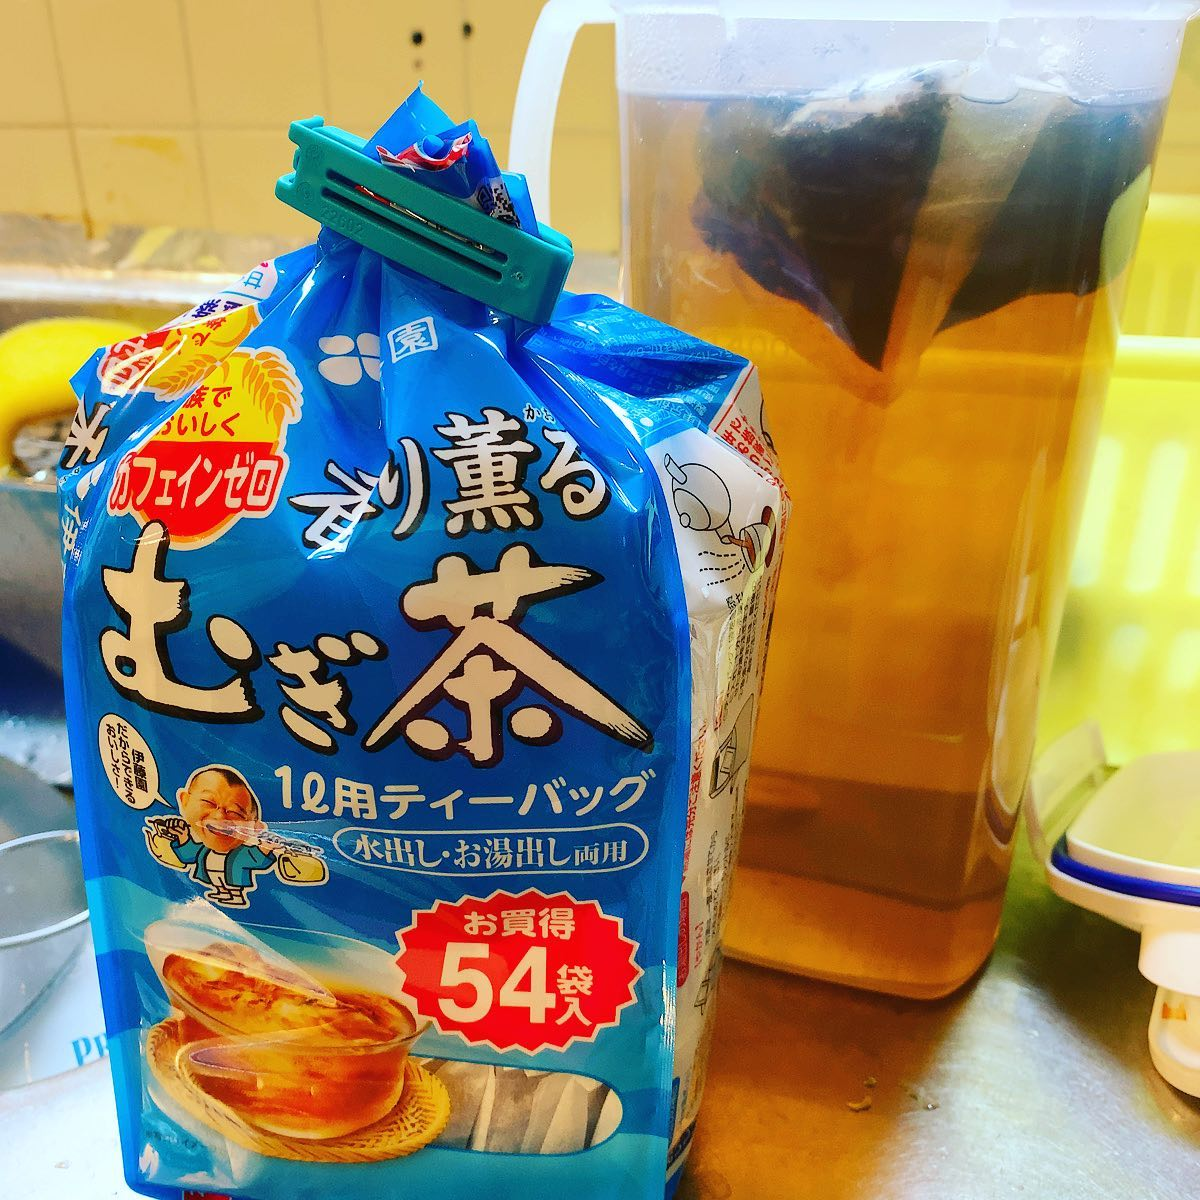 54袋も入ってるのに174円。麦茶って安いね。今シーズン飲み切れるかな。